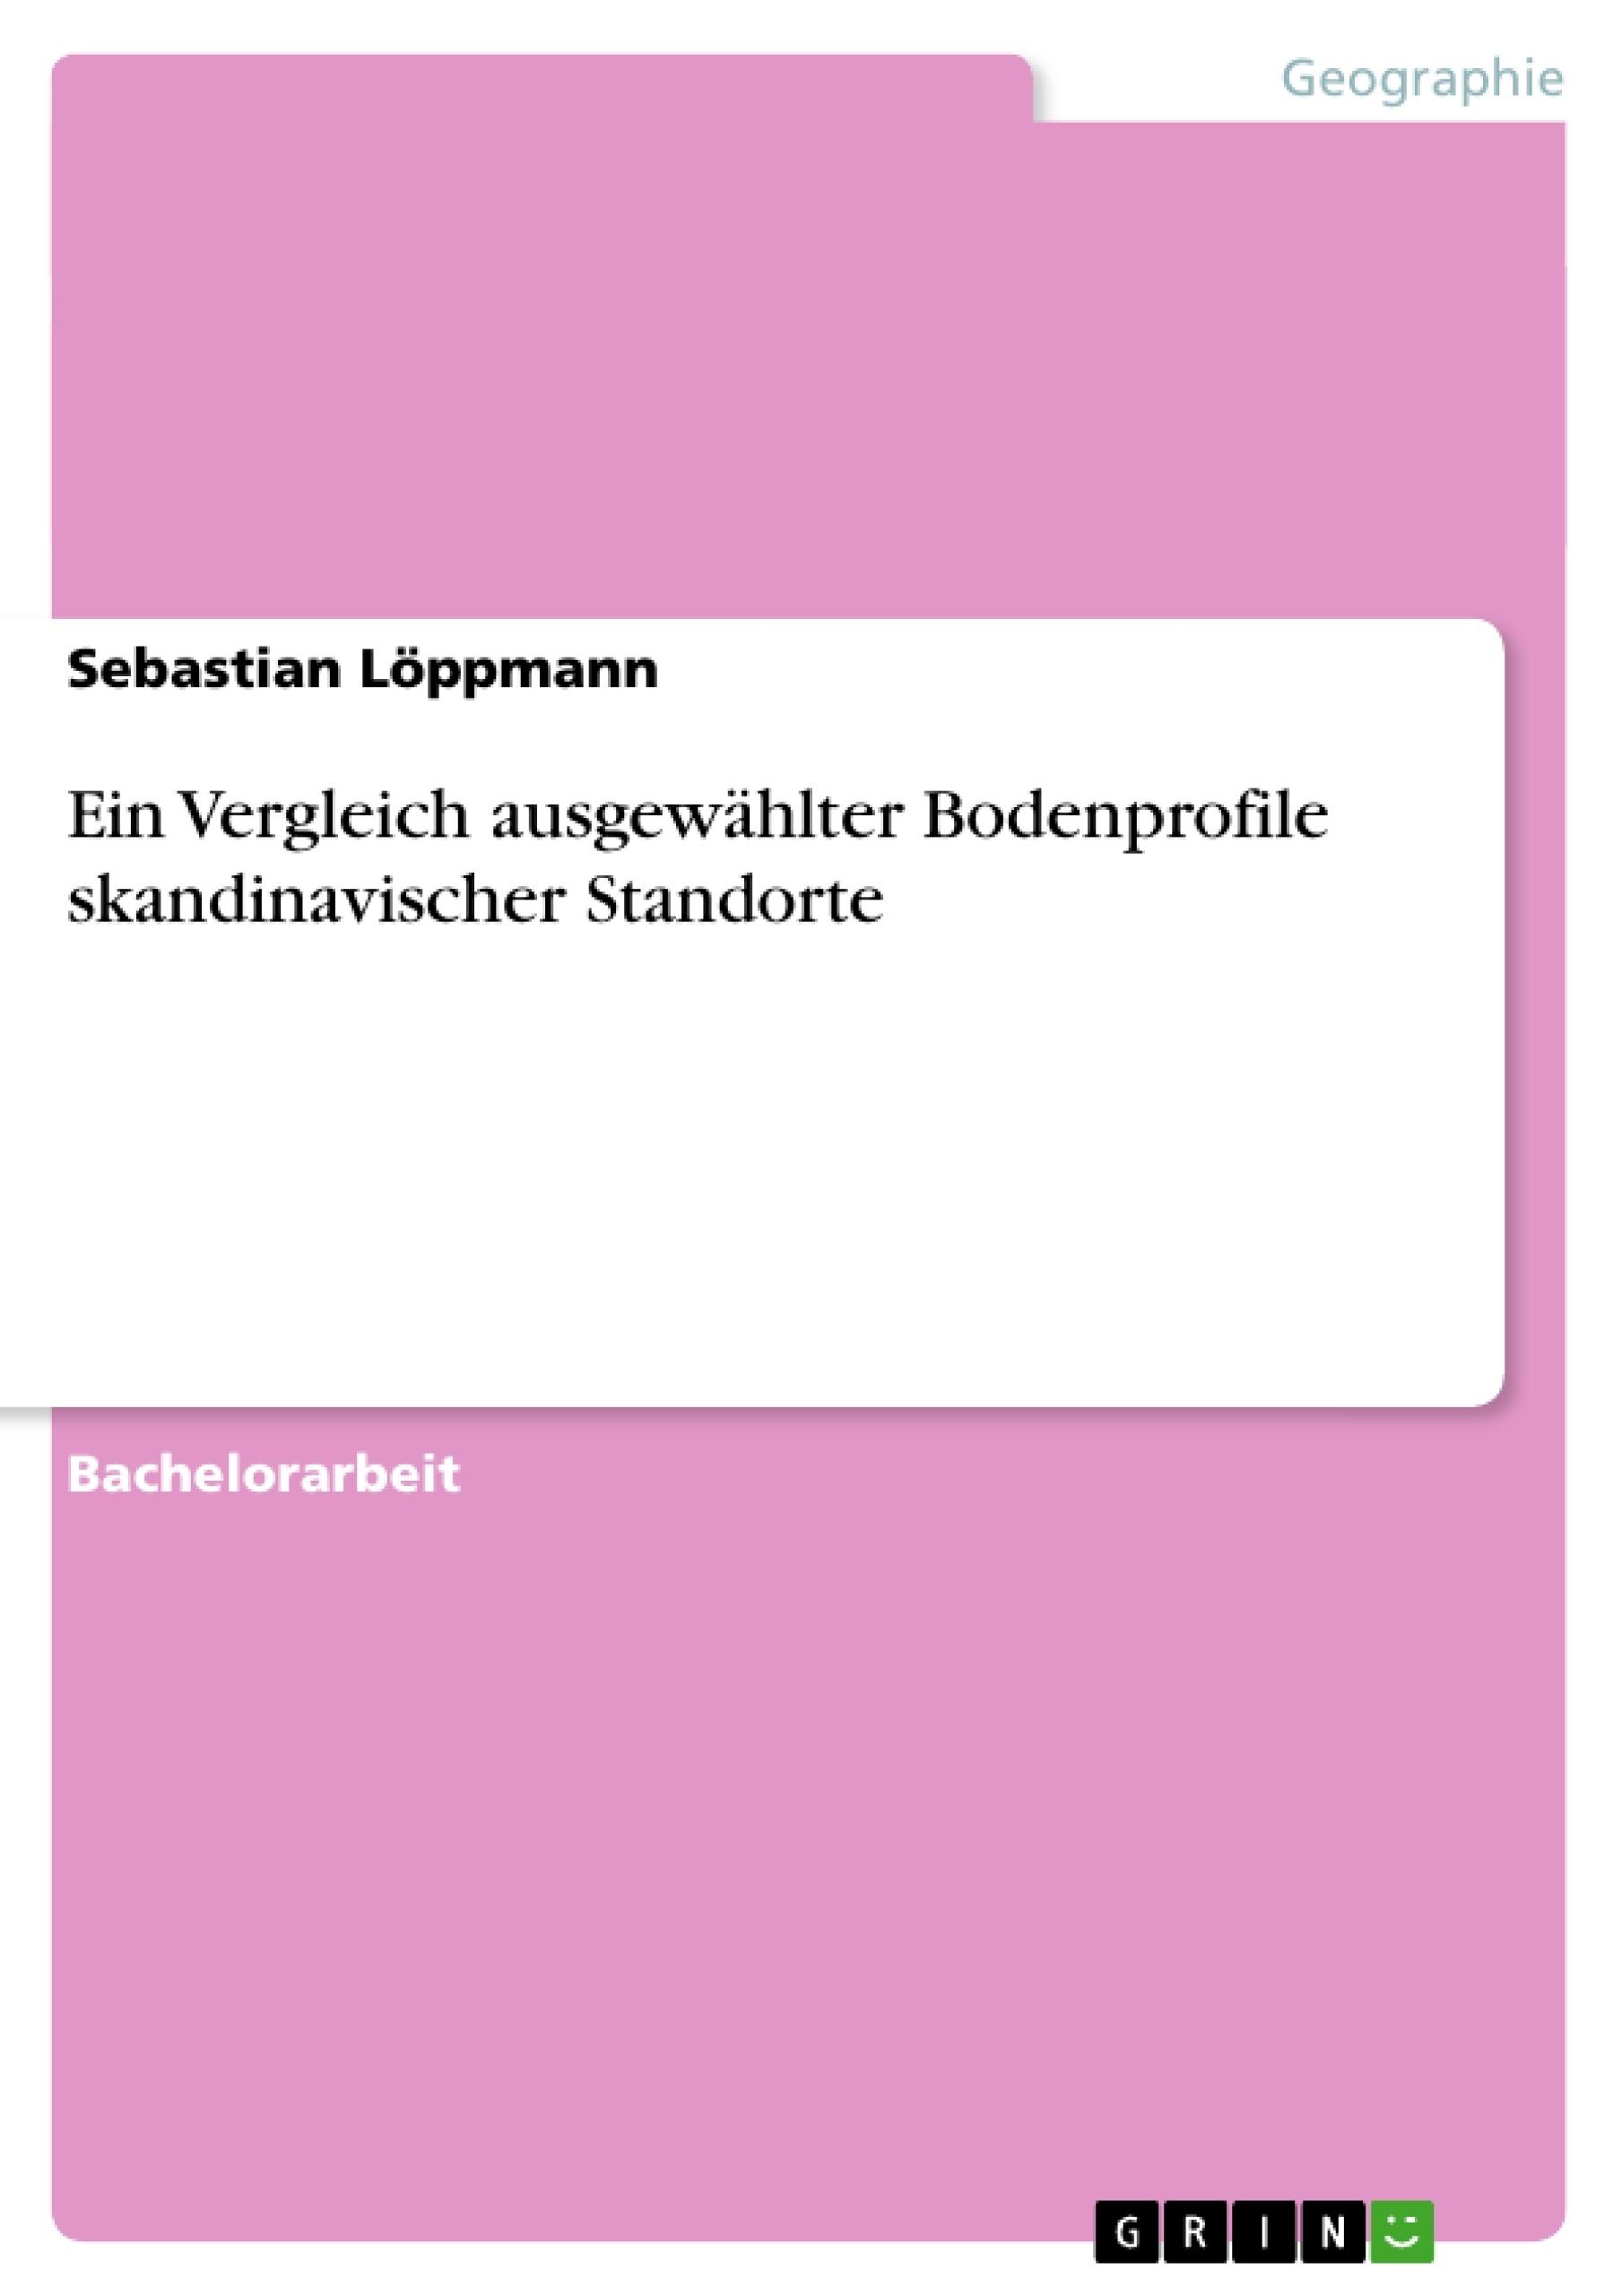 Titel: Ein Vergleich ausgewählter Bodenprofile skandinavischer Standorte